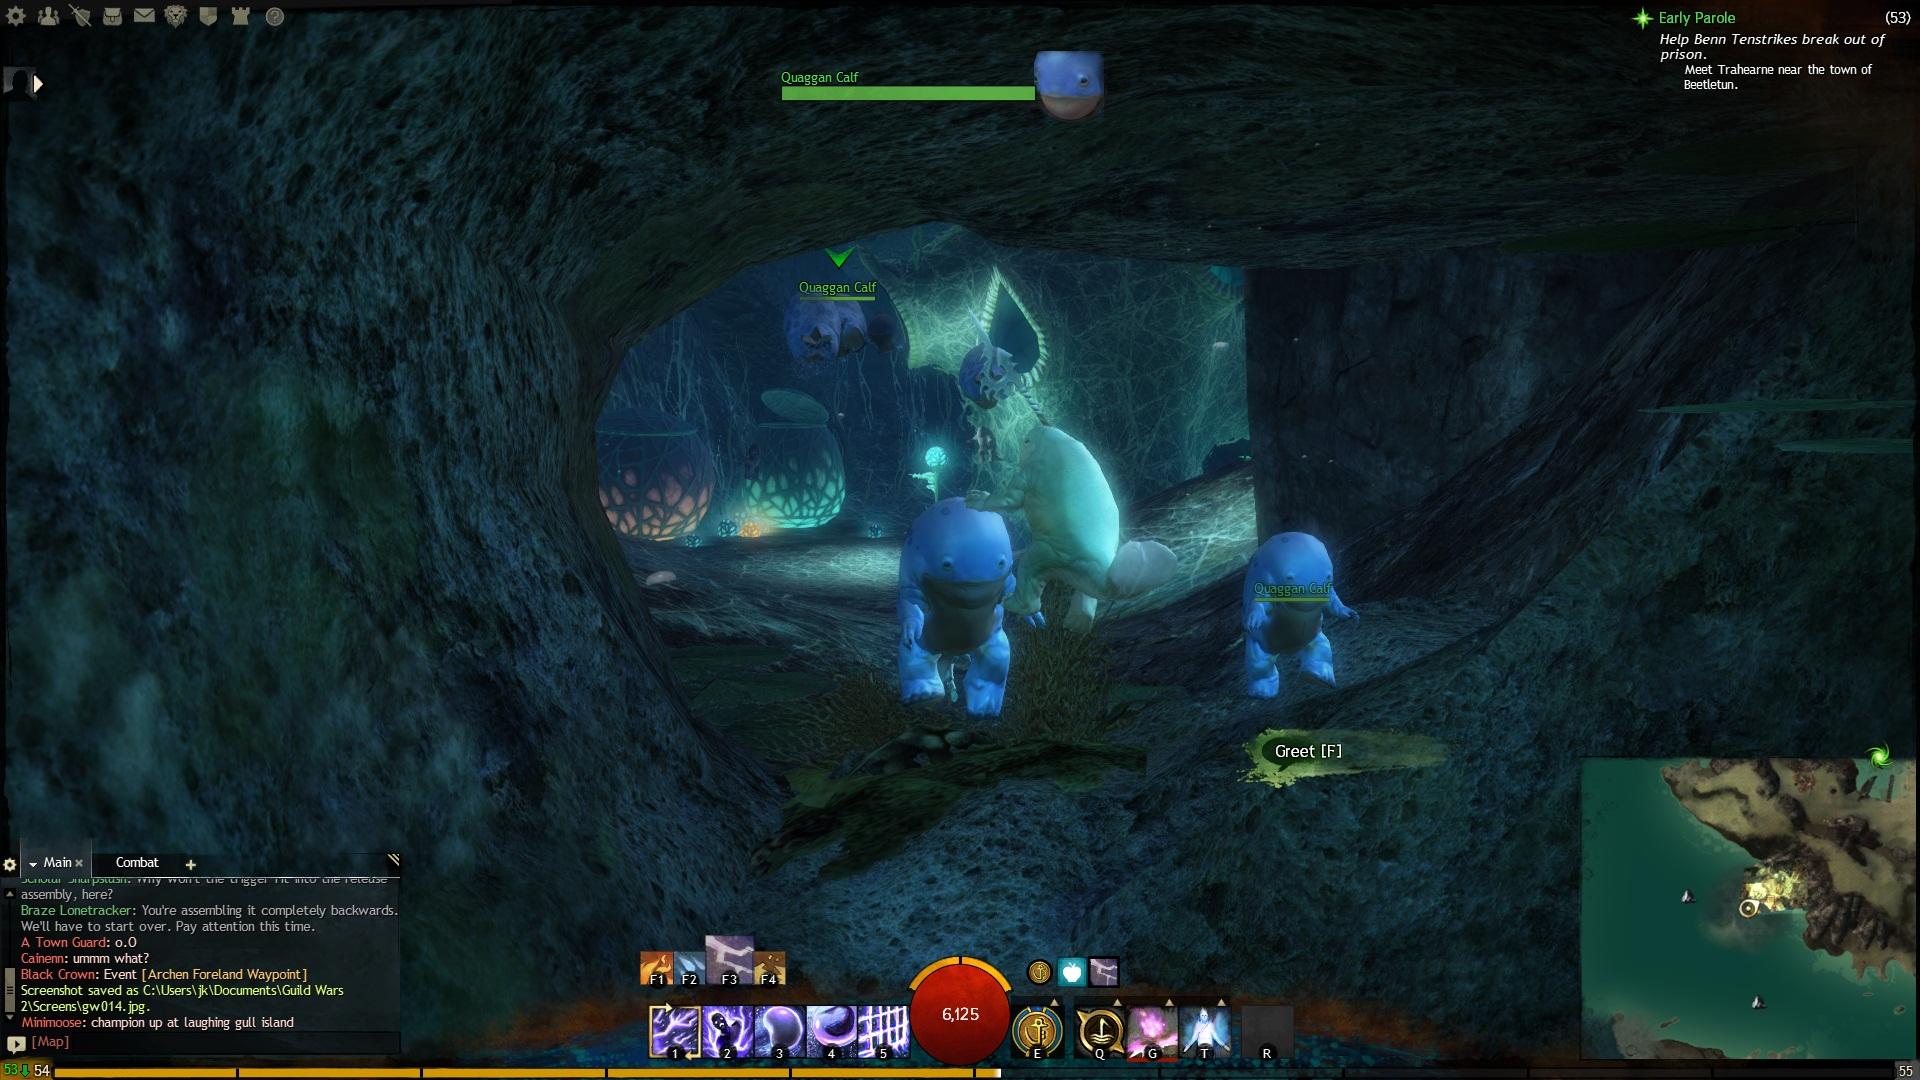 GW2 Screenshots